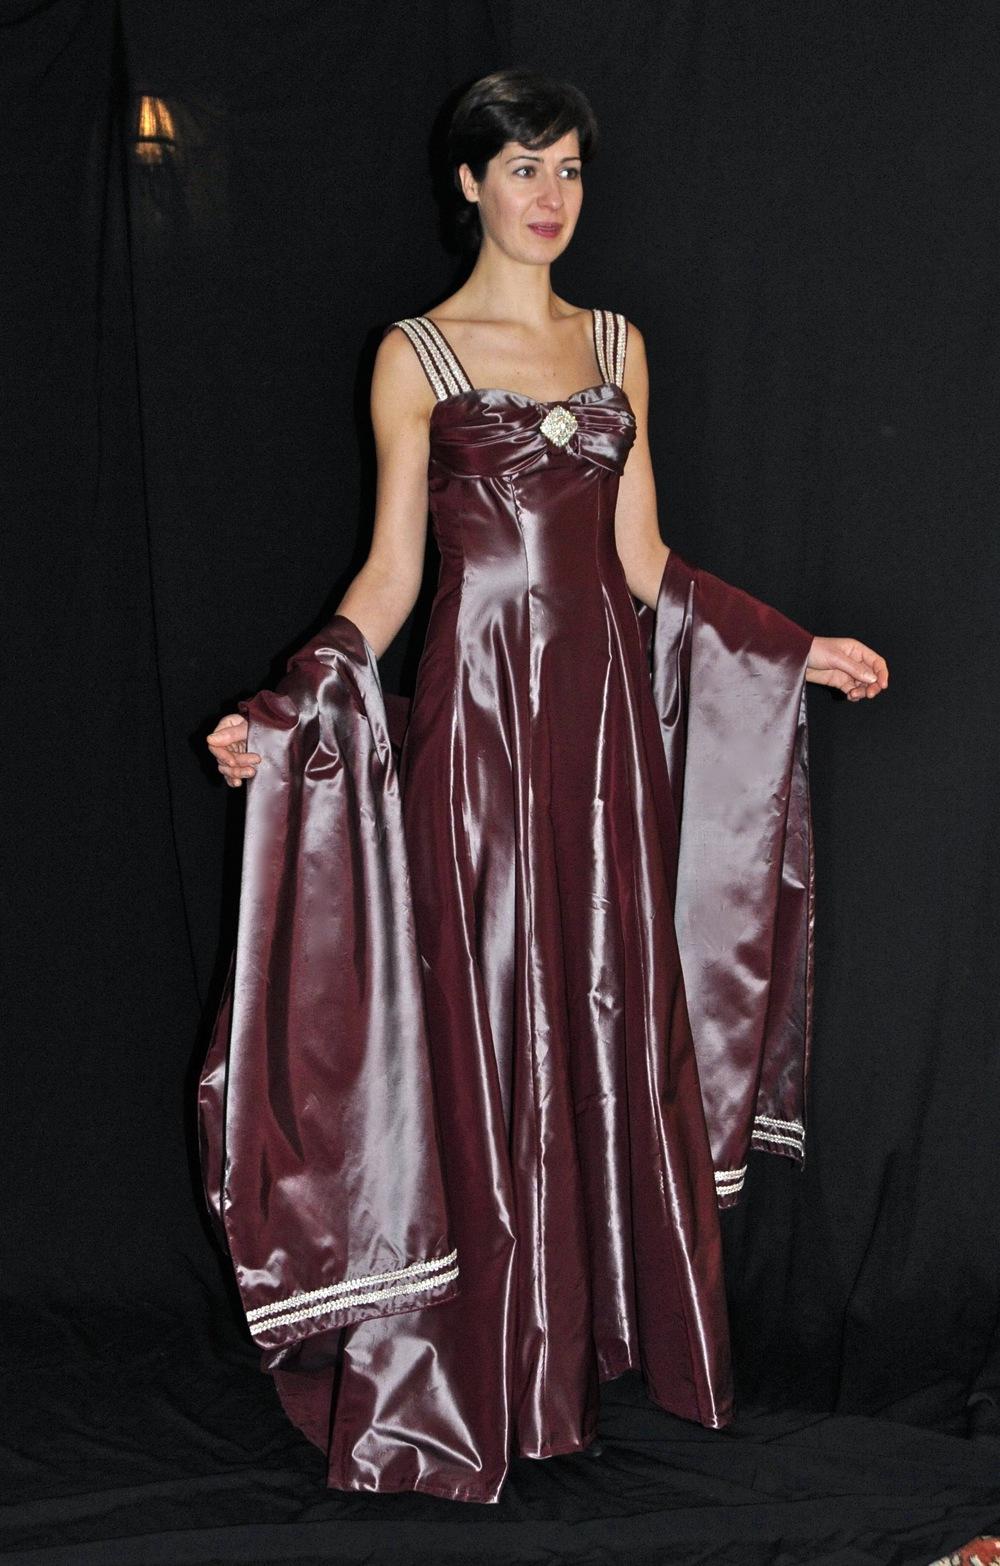 Robe longue et étole assortie en taffetas pour la pianiste Isabelle Eclancher